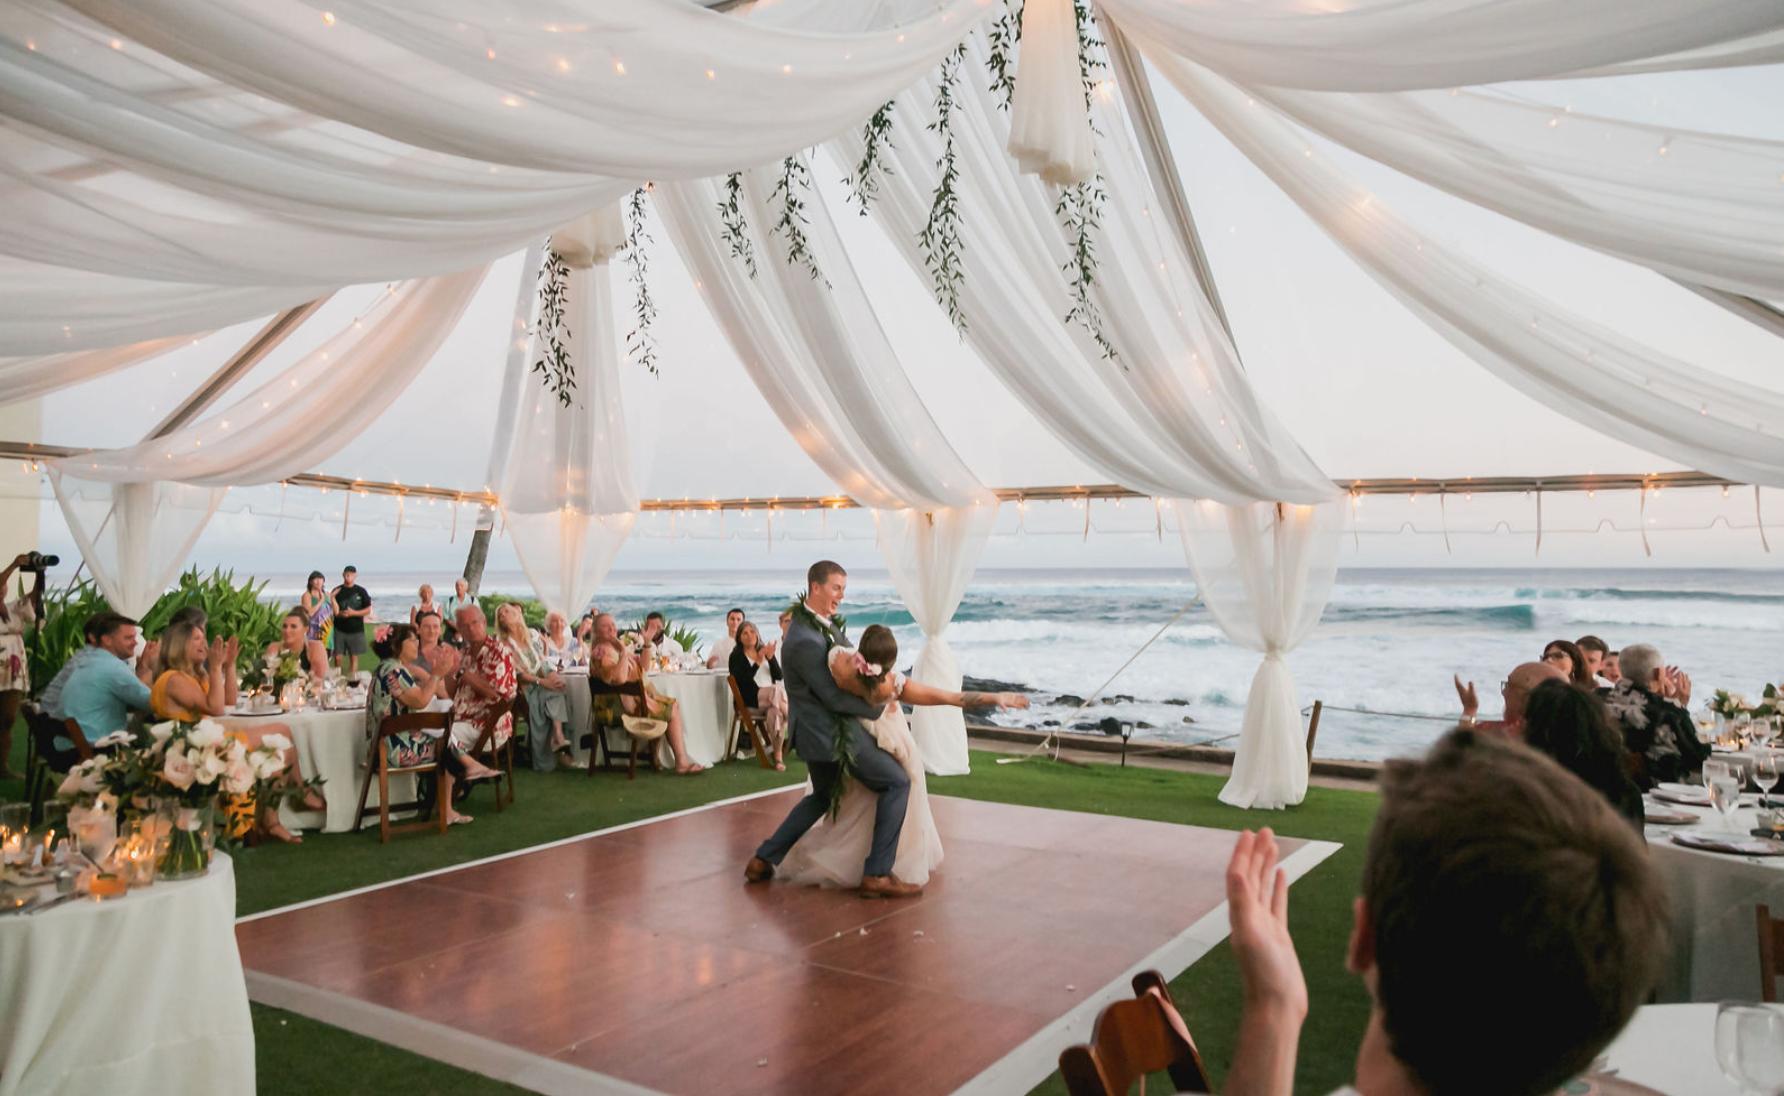 Clear Tent Canopy Luxe Chiffon Hanging Garlands Dance Floor Wedding Wedding Floor Plan Oceanfront Wedding